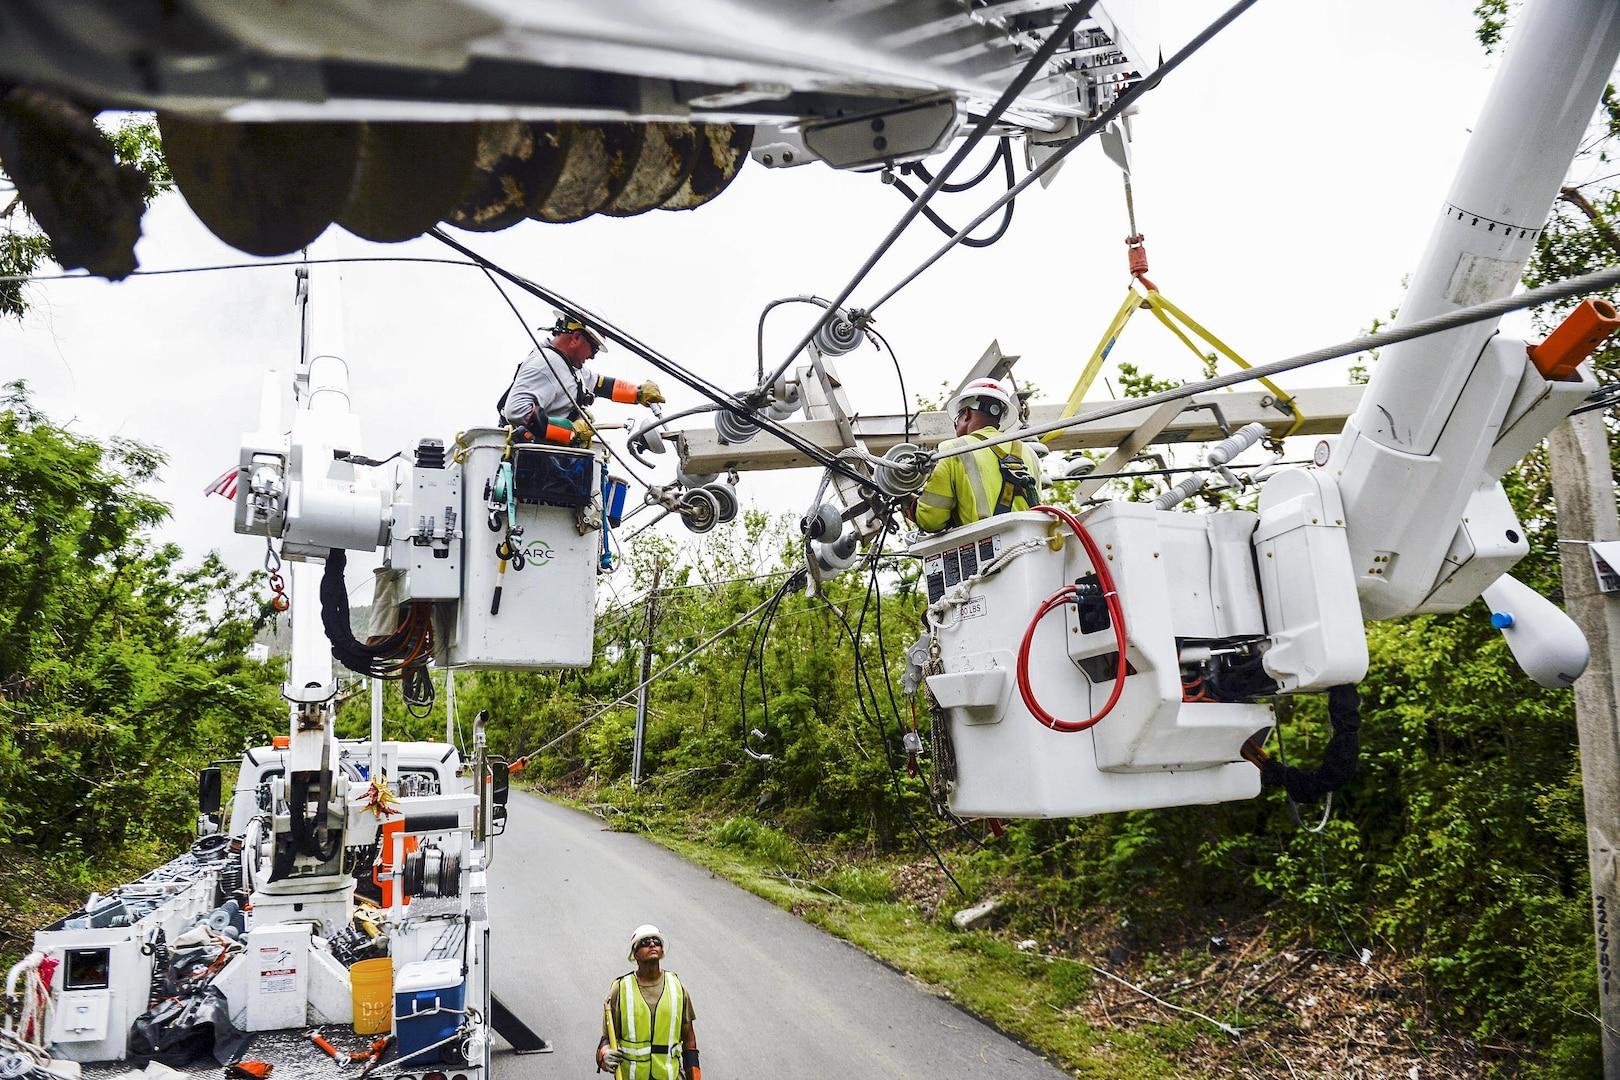 Teams using equipment work to repair power lines in Puerto Rico.